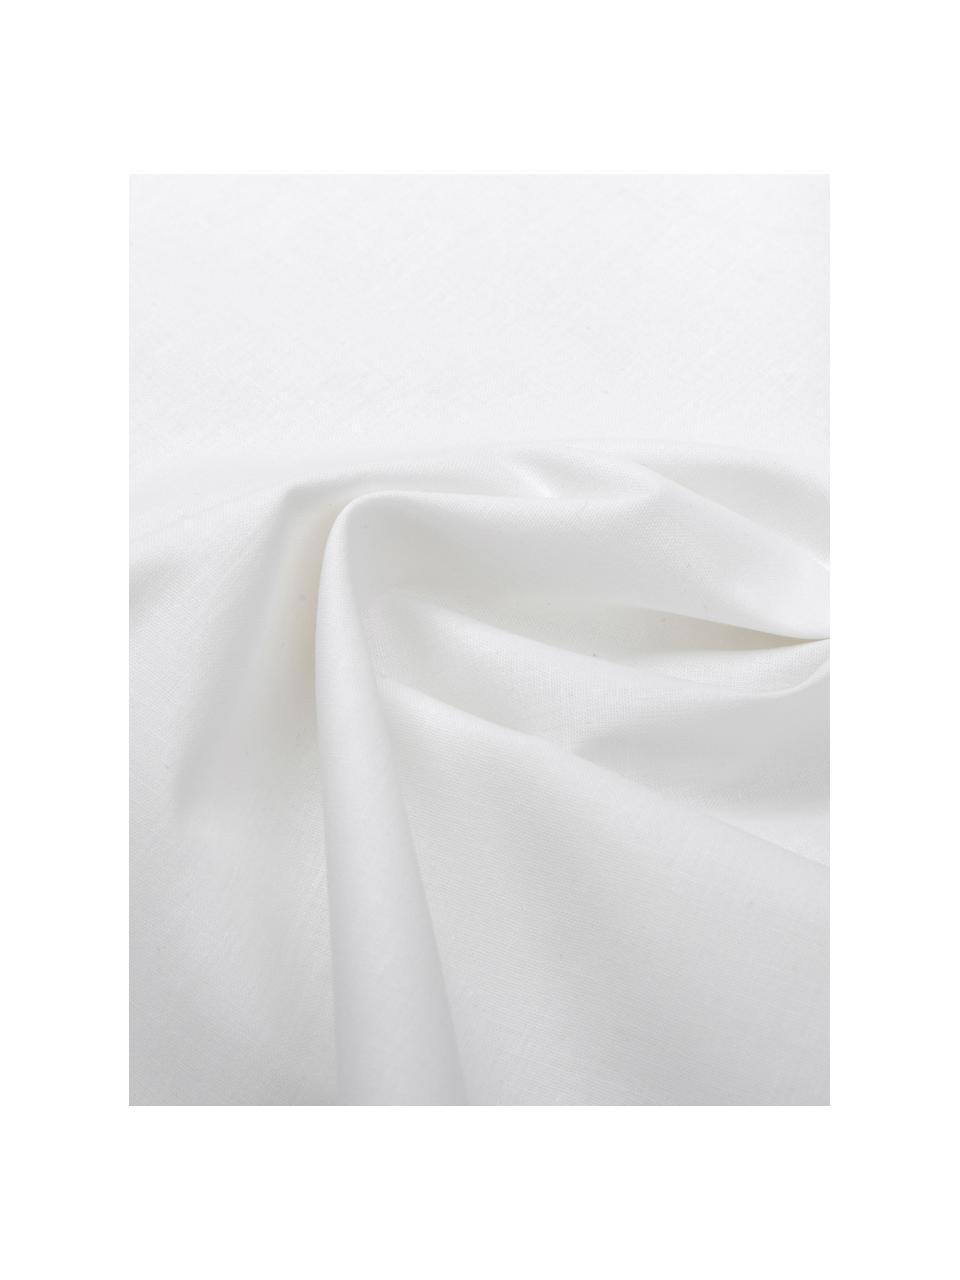 Baumwoll-Bettwäsche Weekend in Weiß, 100% Baumwolle  Fadendichte 145 TC, Standard Qualität  Bettwäsche aus Baumwolle fühlt sich auf der Haut angenehm weich an, nimmt Feuchtigkeit gut auf und eignet sich für Allergiker., Weiß, 200 x 200 cm + 2 Kissen 80 x 80 cm